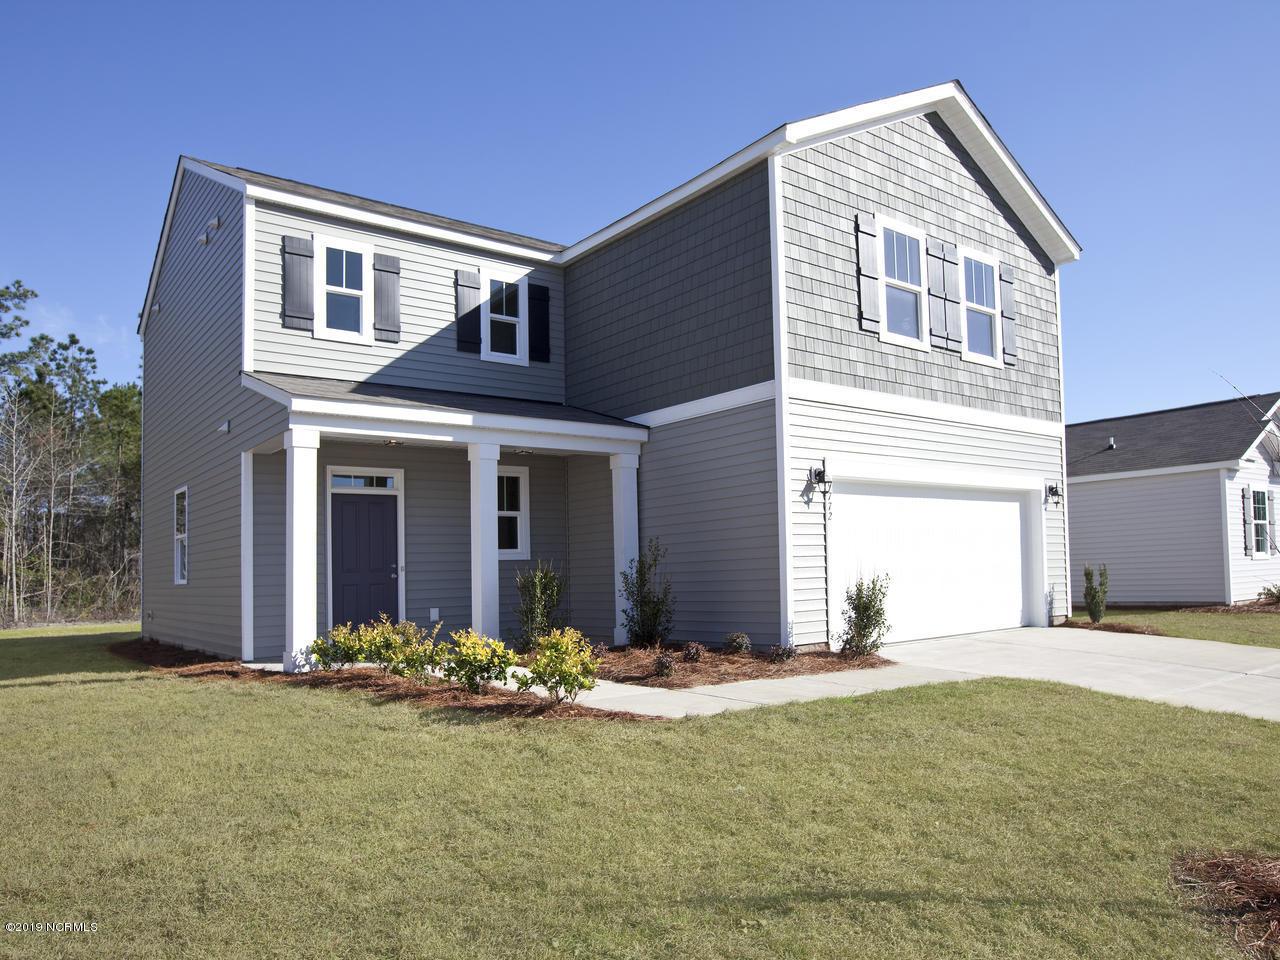 729 Seathwaite Drive #lot 1276 Leland, NC 28451